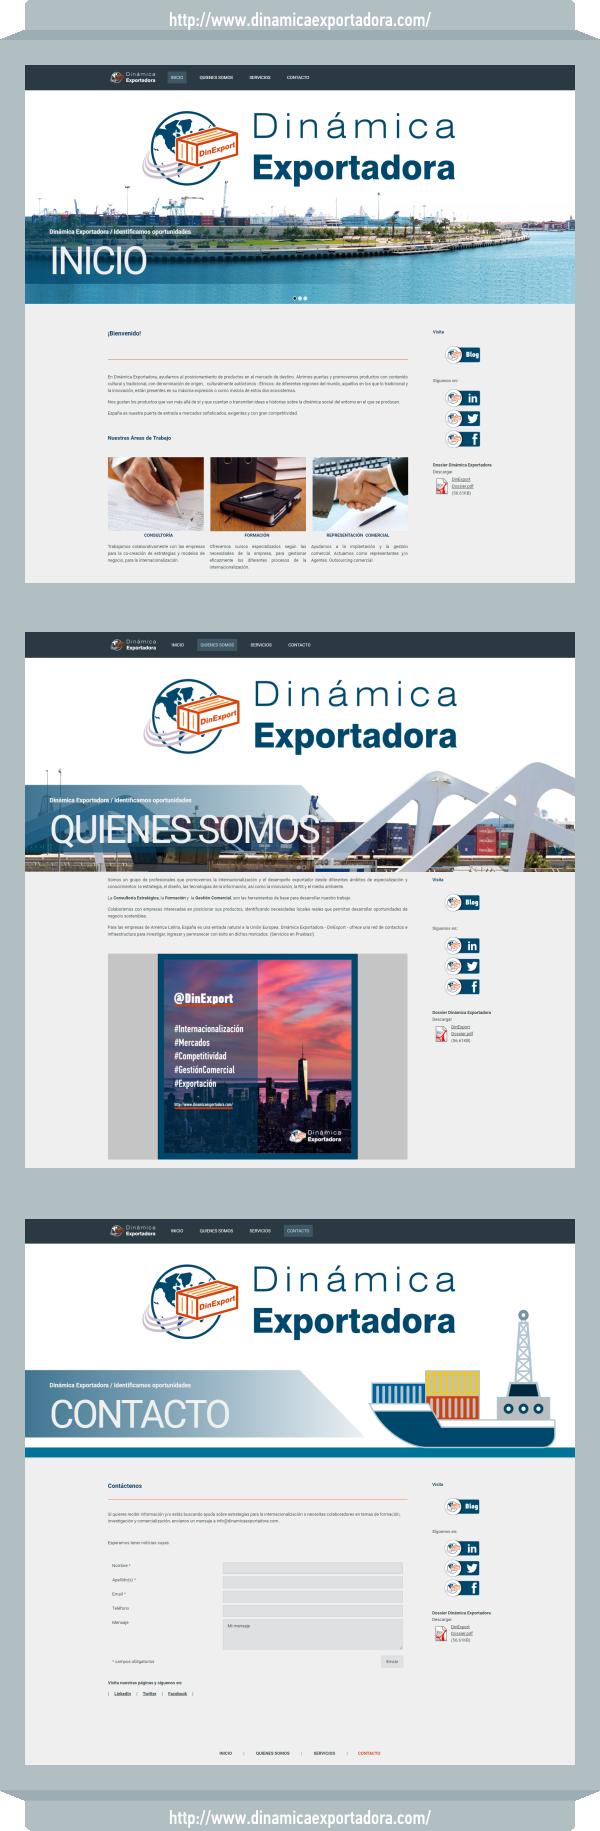 Web Dinámica Exportadora